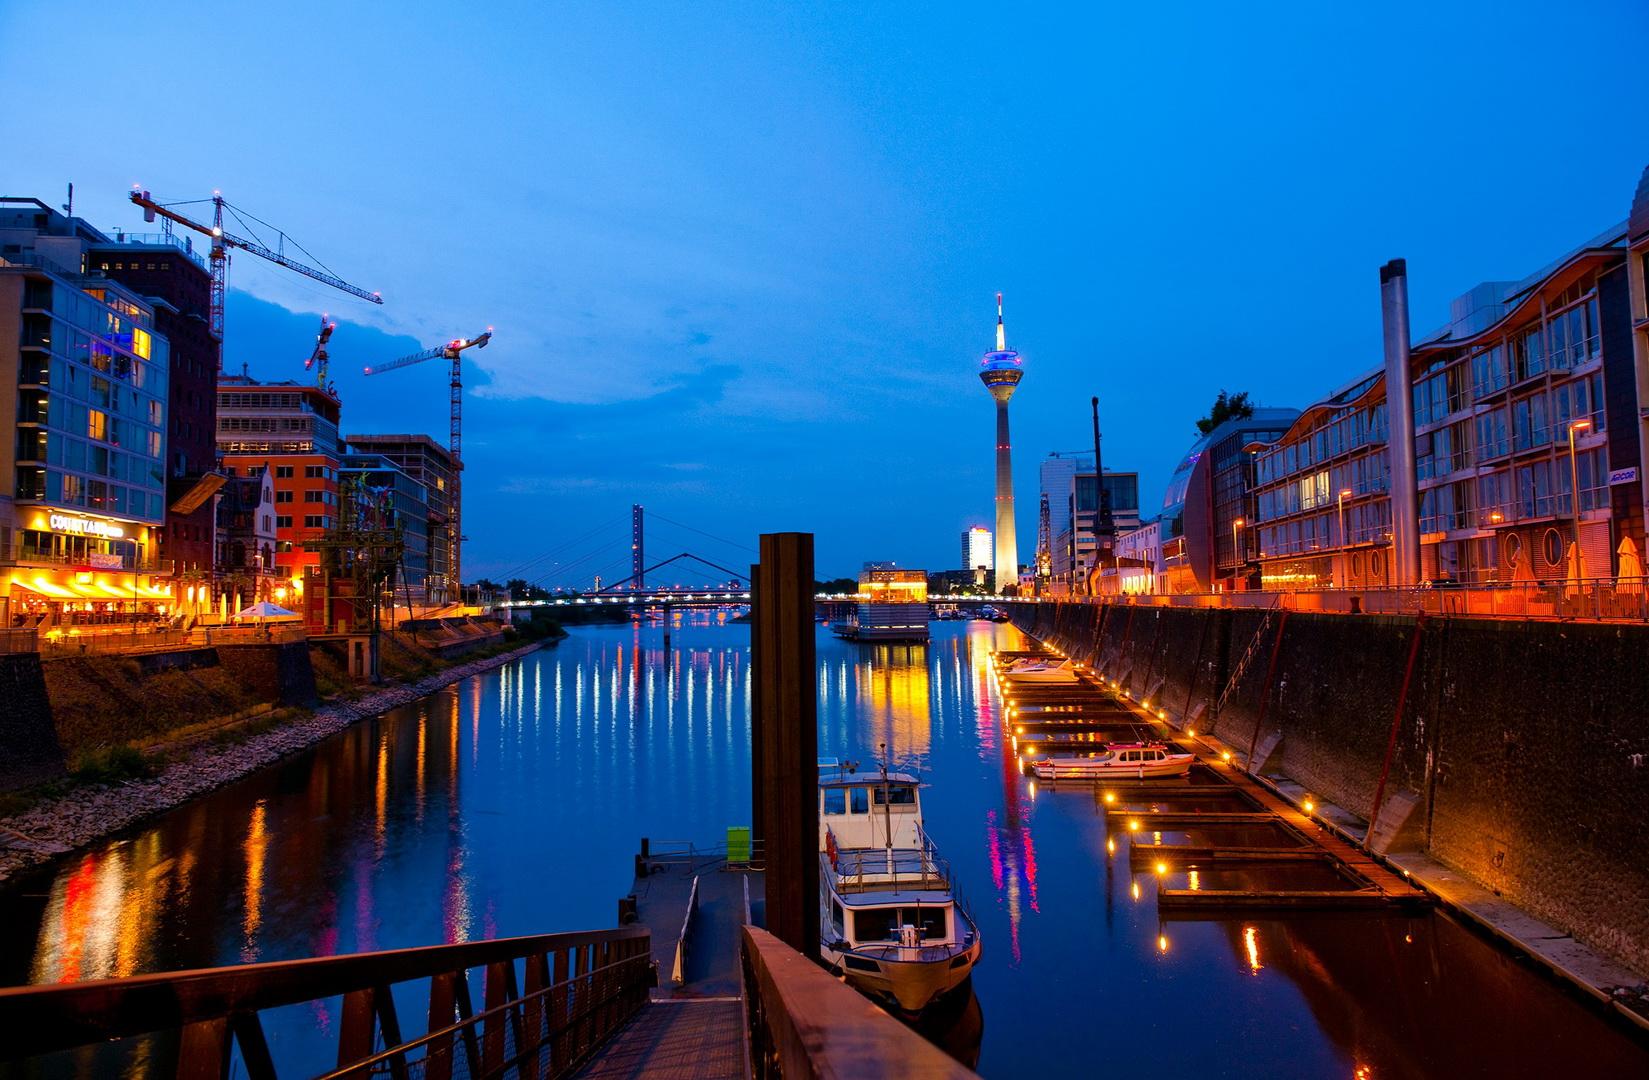 Abend_am_Medienhafen__Foto_Oliver_FrankeTourismus_NRW_eV_RET